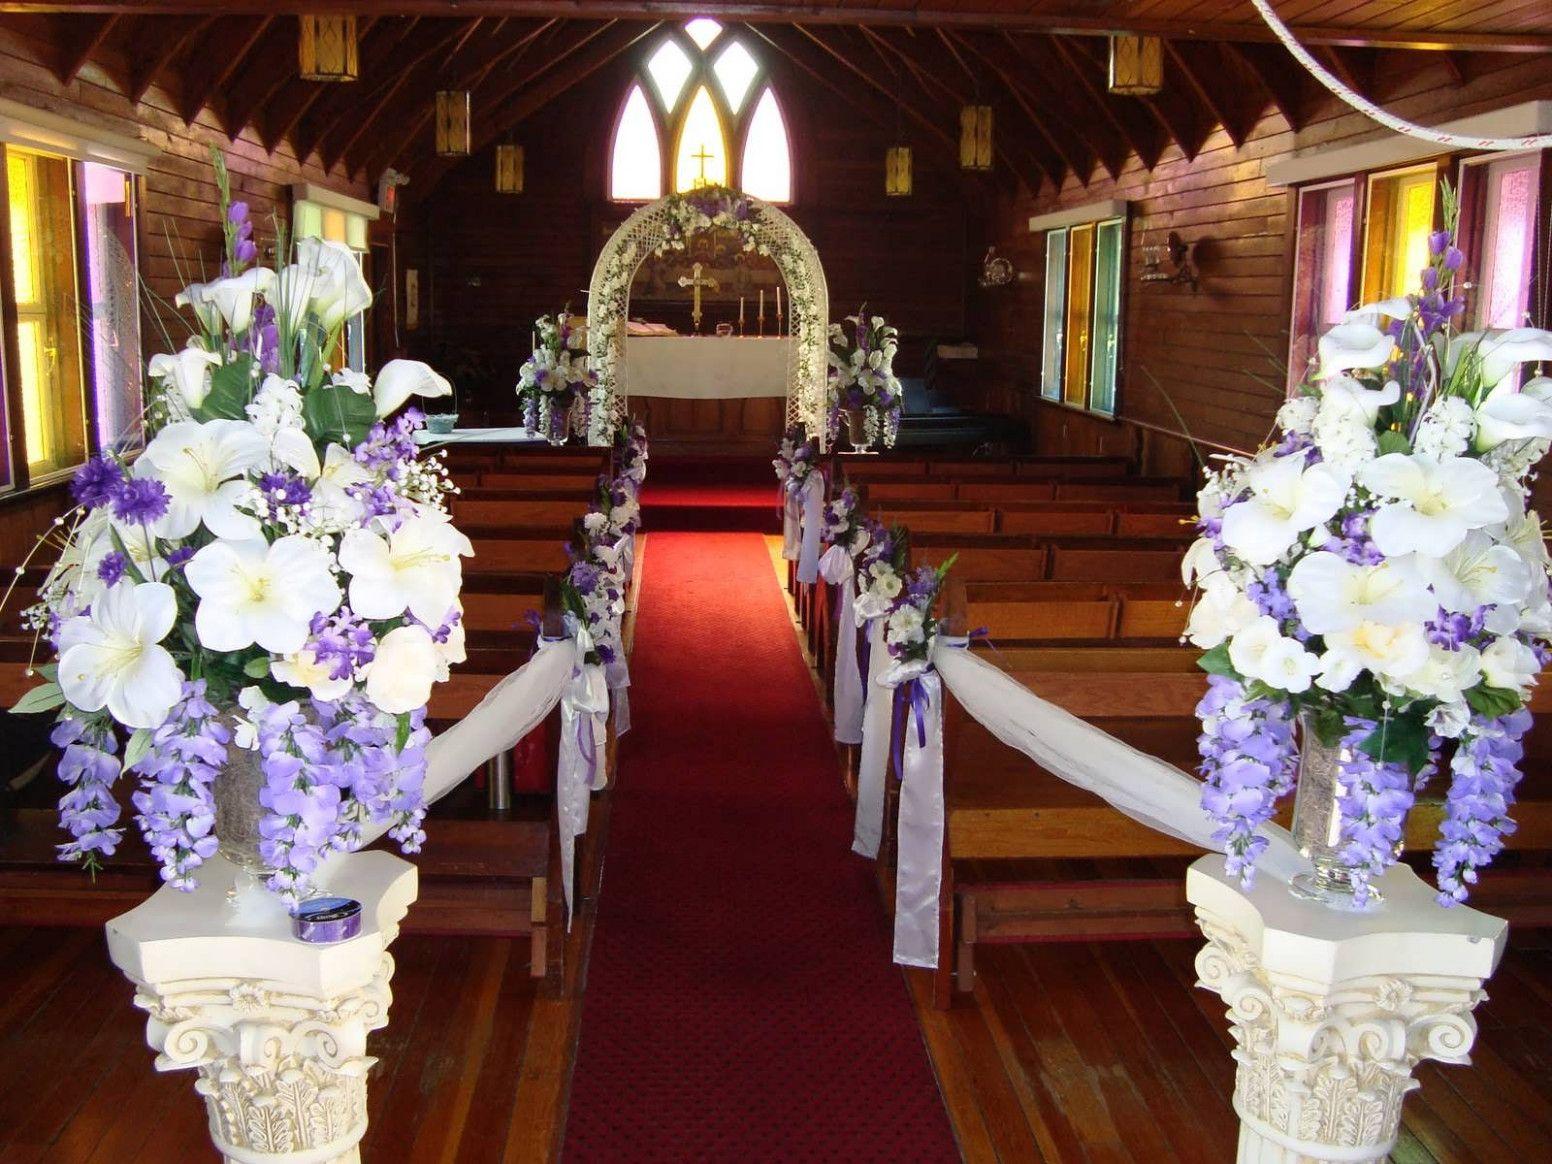 Elegant Wedding Decorations On A Budget Church Wedding Decorations Cheap Wedding Decorations Fun Wedding Decor